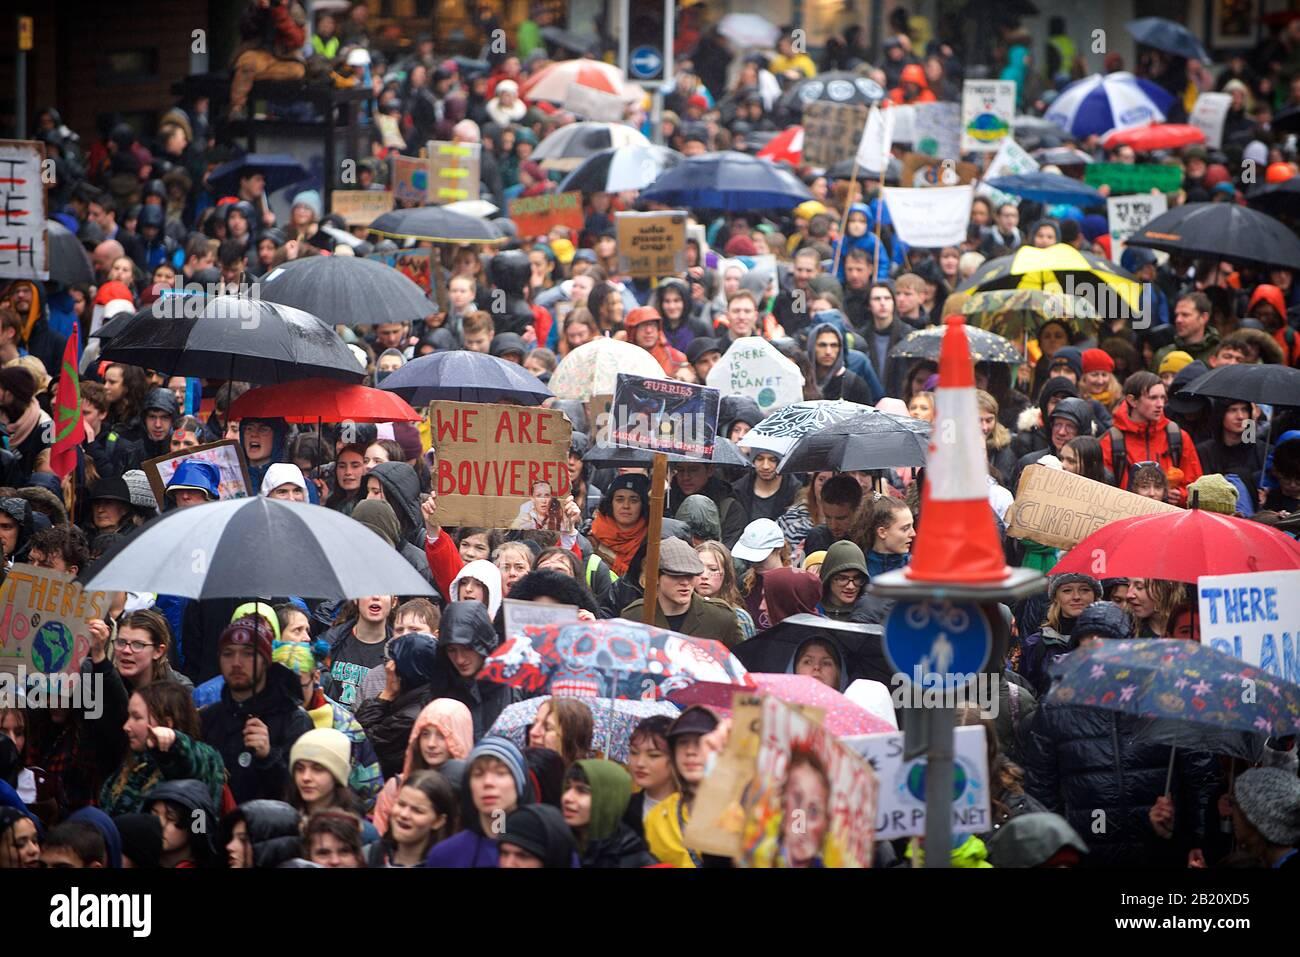 Bristol, Reino Unido. 28 de febrero de 2020. Greta Thunberg asiste a la huelga Escolar en Bristol con más de 30,000 personas más. La huelga escolar para el clima, AKA Fridays for Future, Youth for Climate and Youth Strike 4 Climate, es un movimiento internacional de estudiantes escolares que toman tiempo libre de clase para participar en demostraciones para exigir acciones para tratar con el crédito de emergencia Climática y Ecológica: Gareth Morris/Alamy Live News Foto de stock